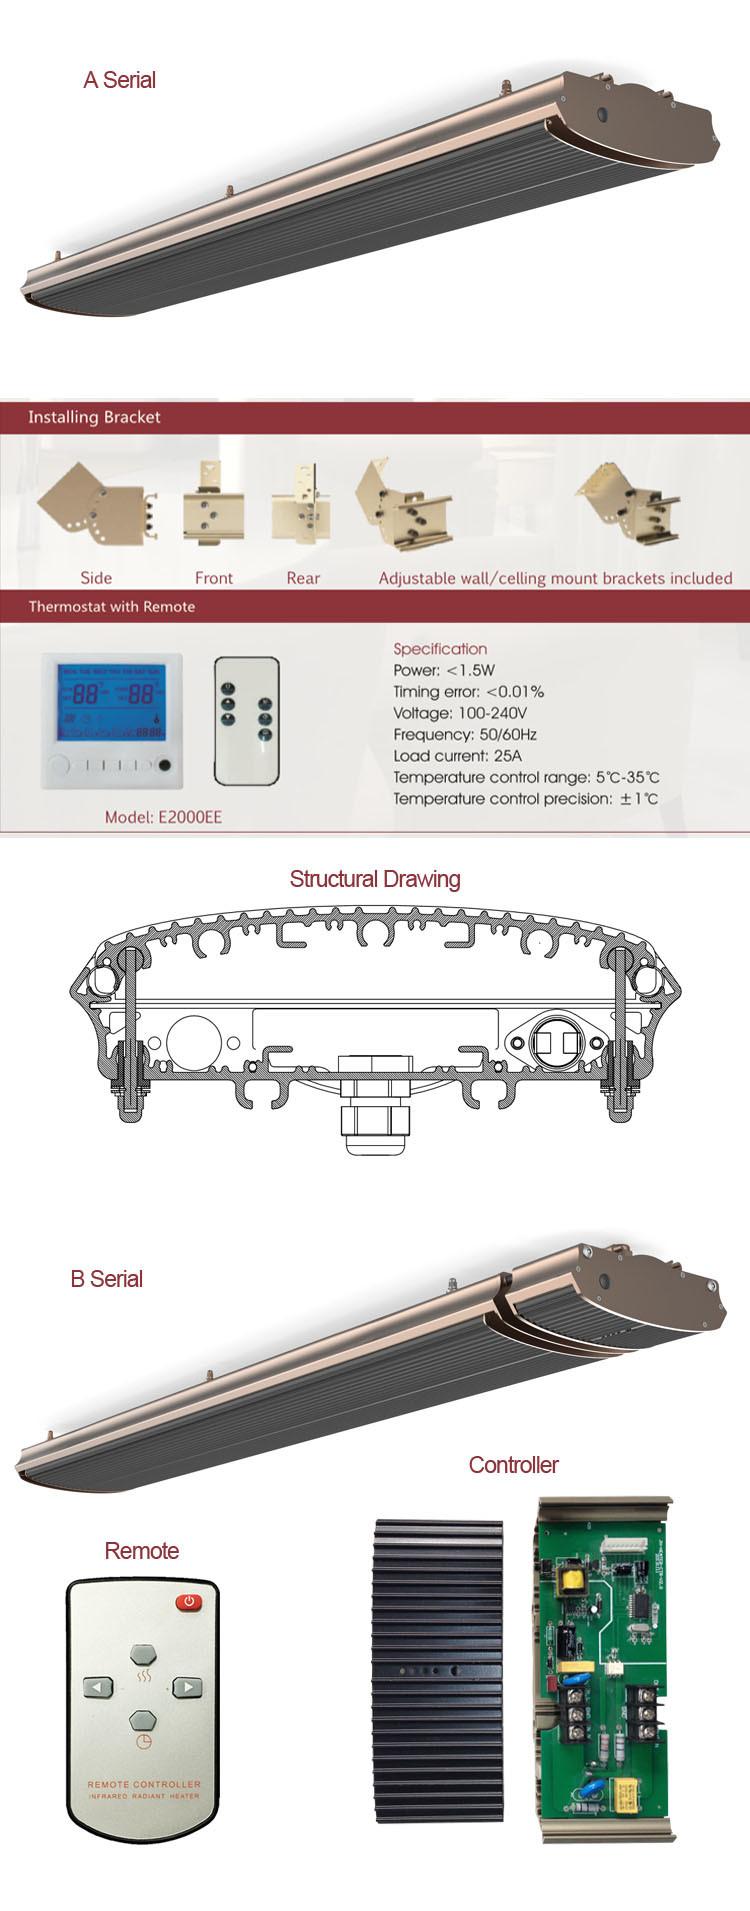 Alle produkte zur verf gung gestellt vonfujian jinghui for Electric radiant heat efficiency